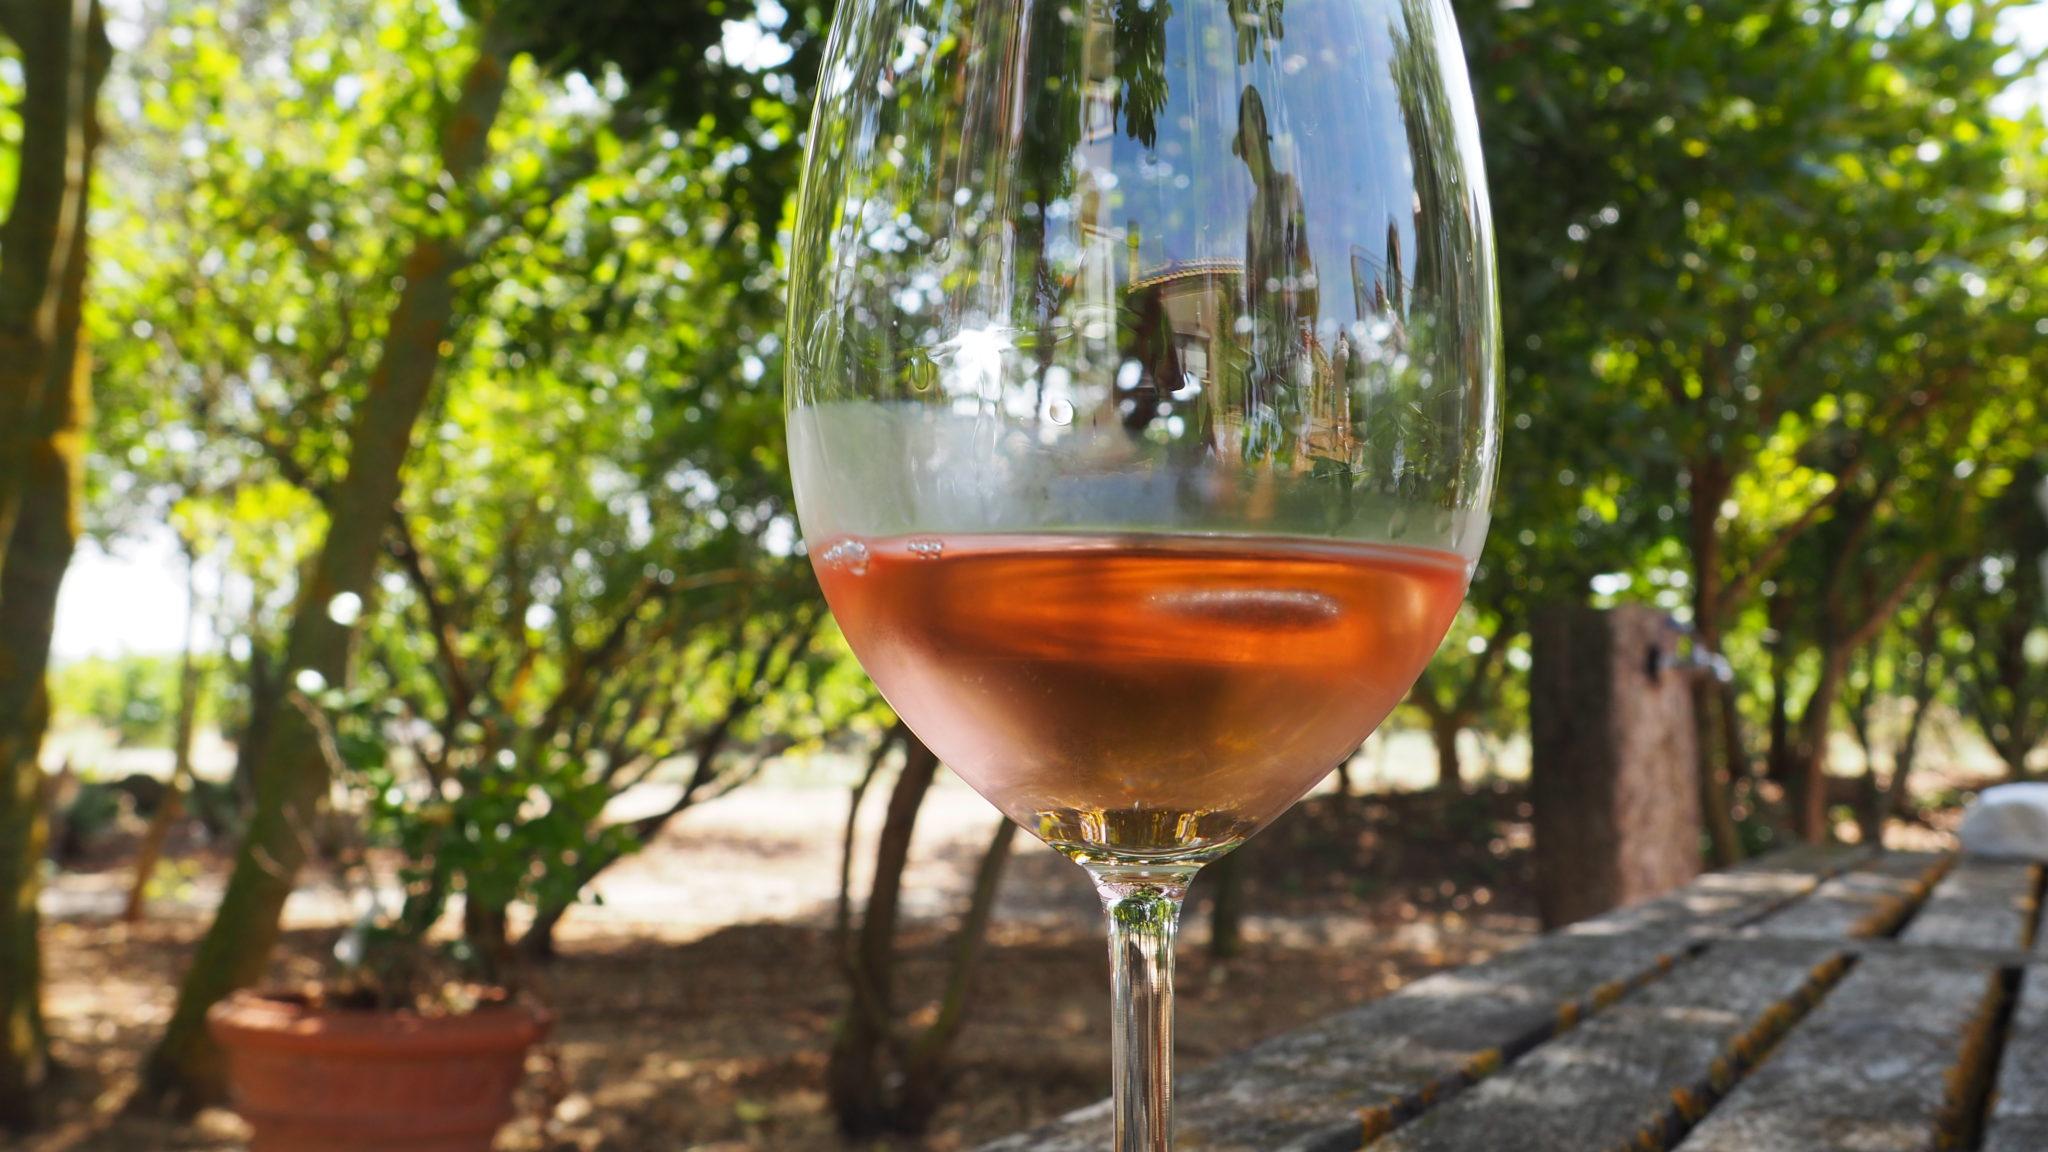 różowe wino w kieliszku